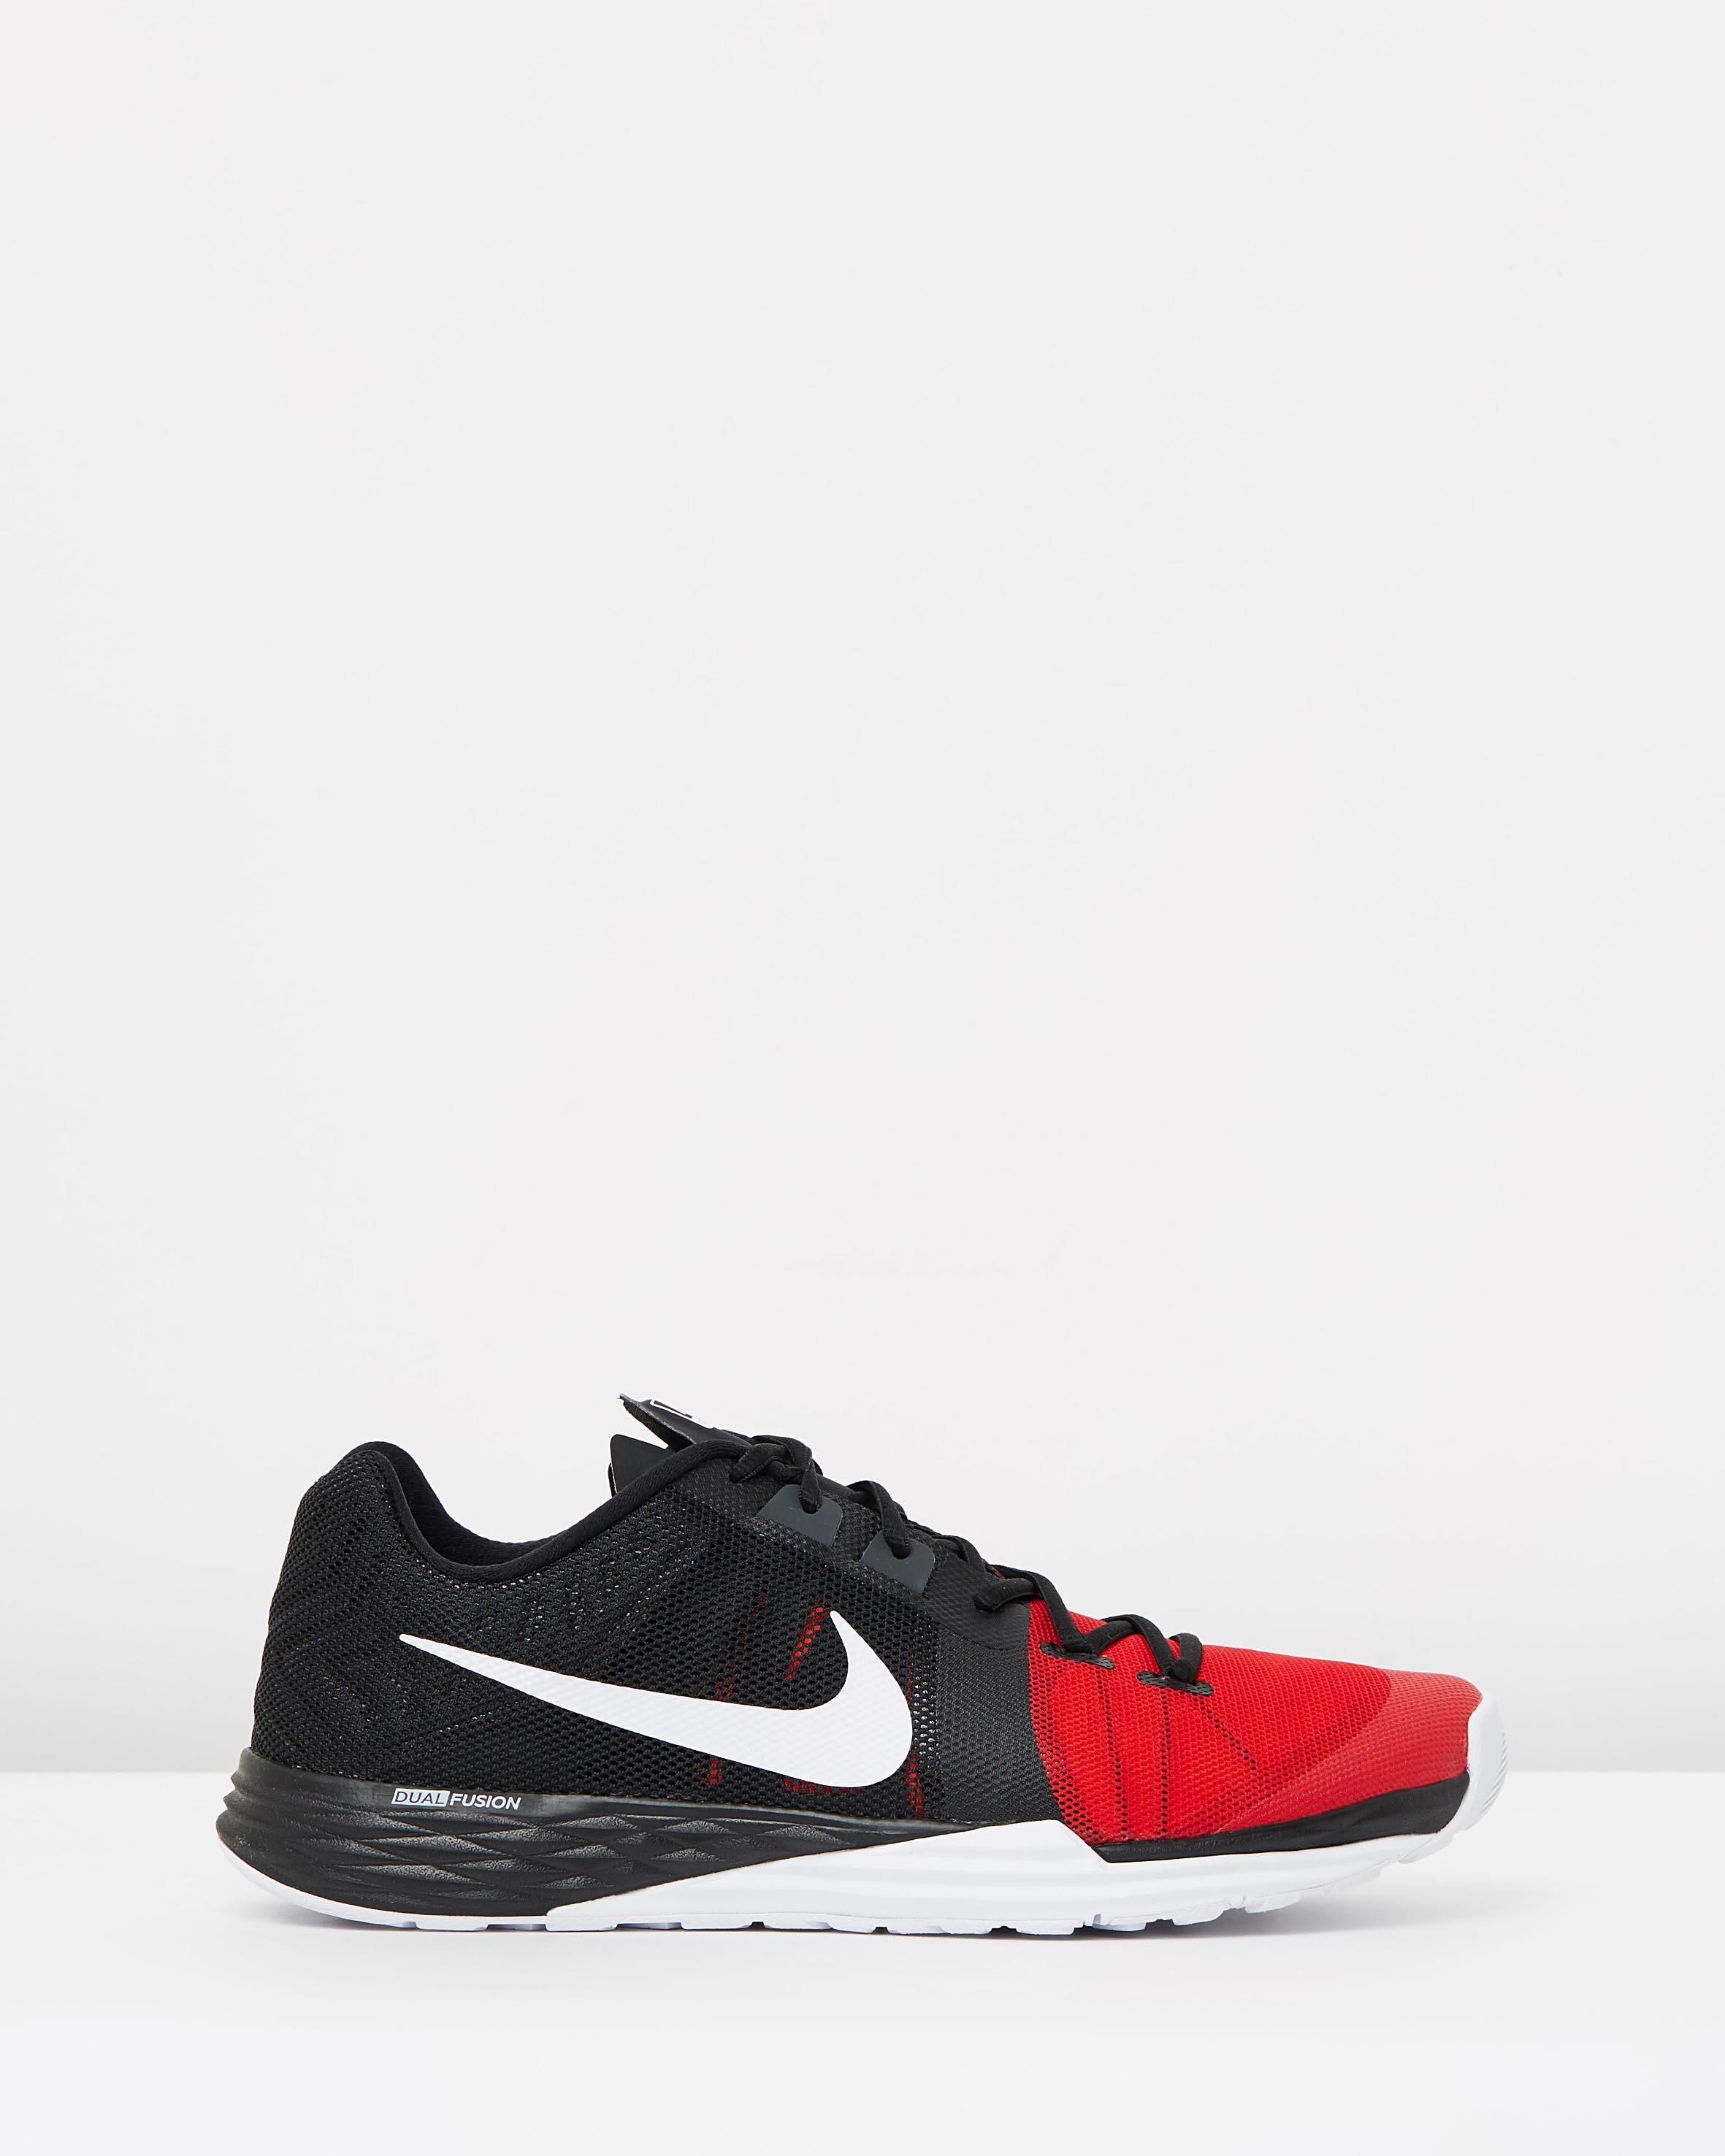 Mens sports shoes online australia